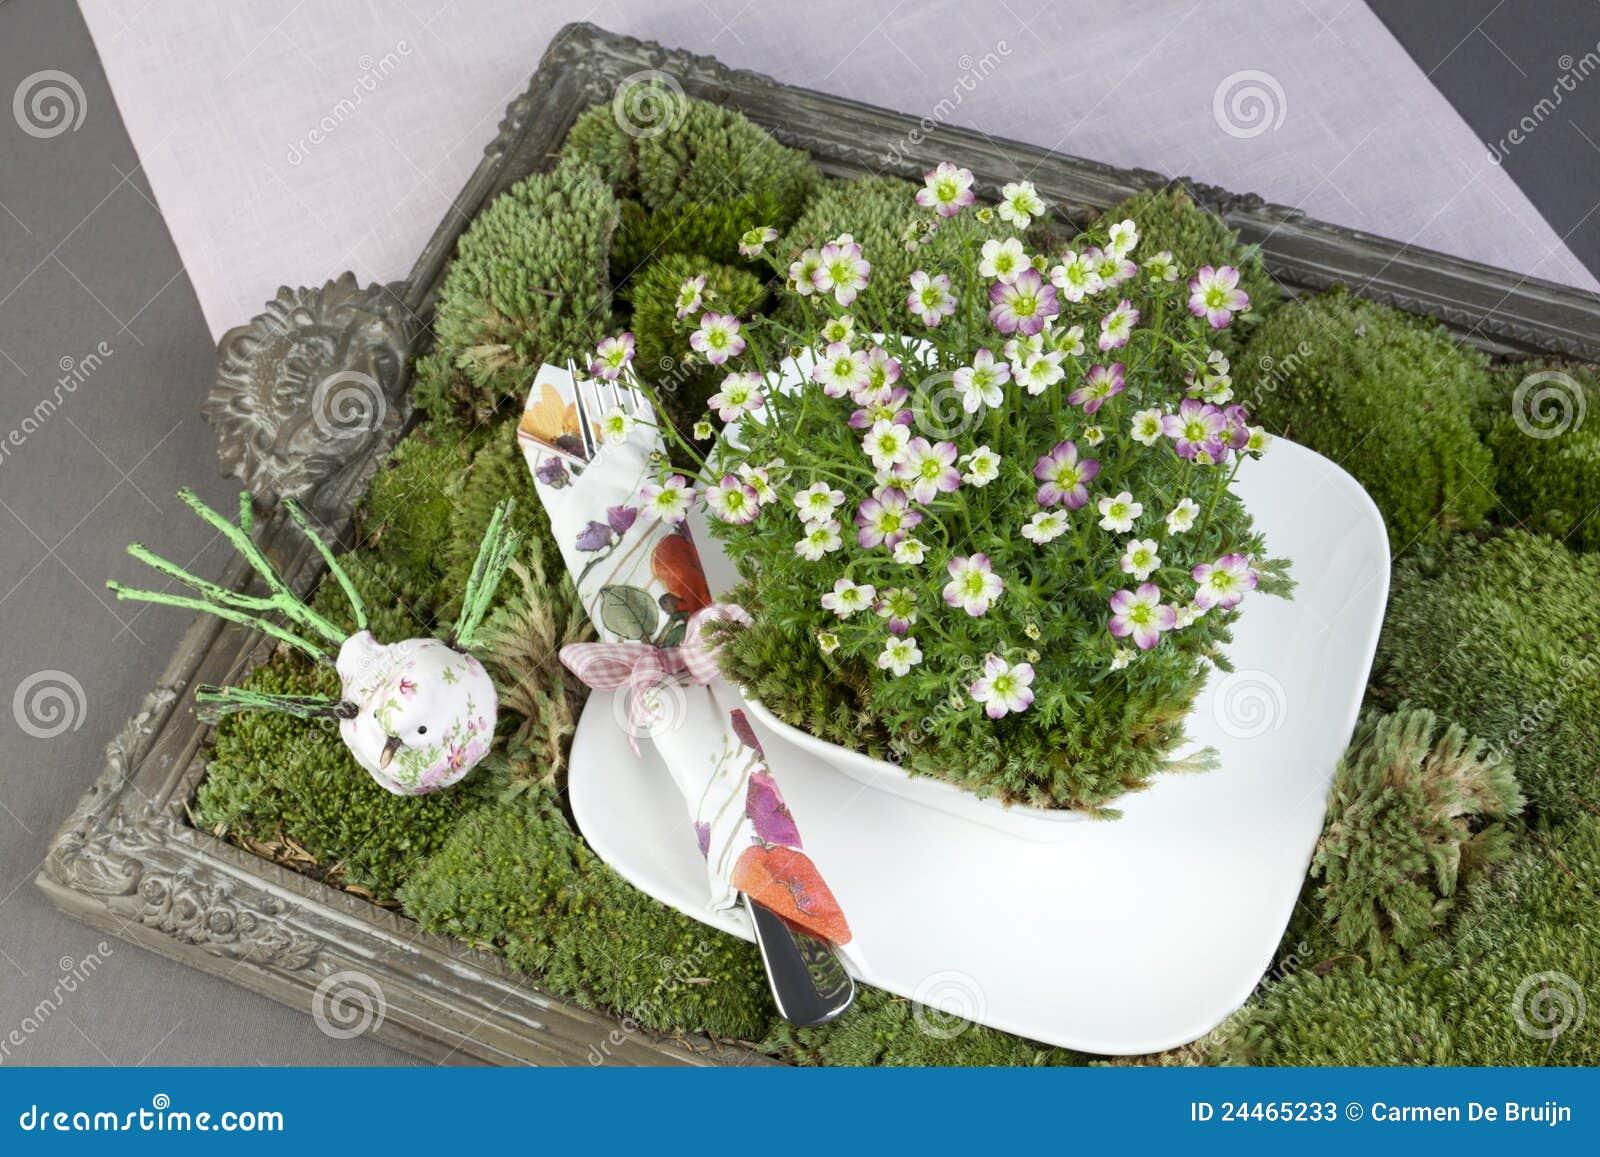 groene decoratie met mos bloemen en vaatwerk stock afbeelding afbeelding bestaande uit. Black Bedroom Furniture Sets. Home Design Ideas